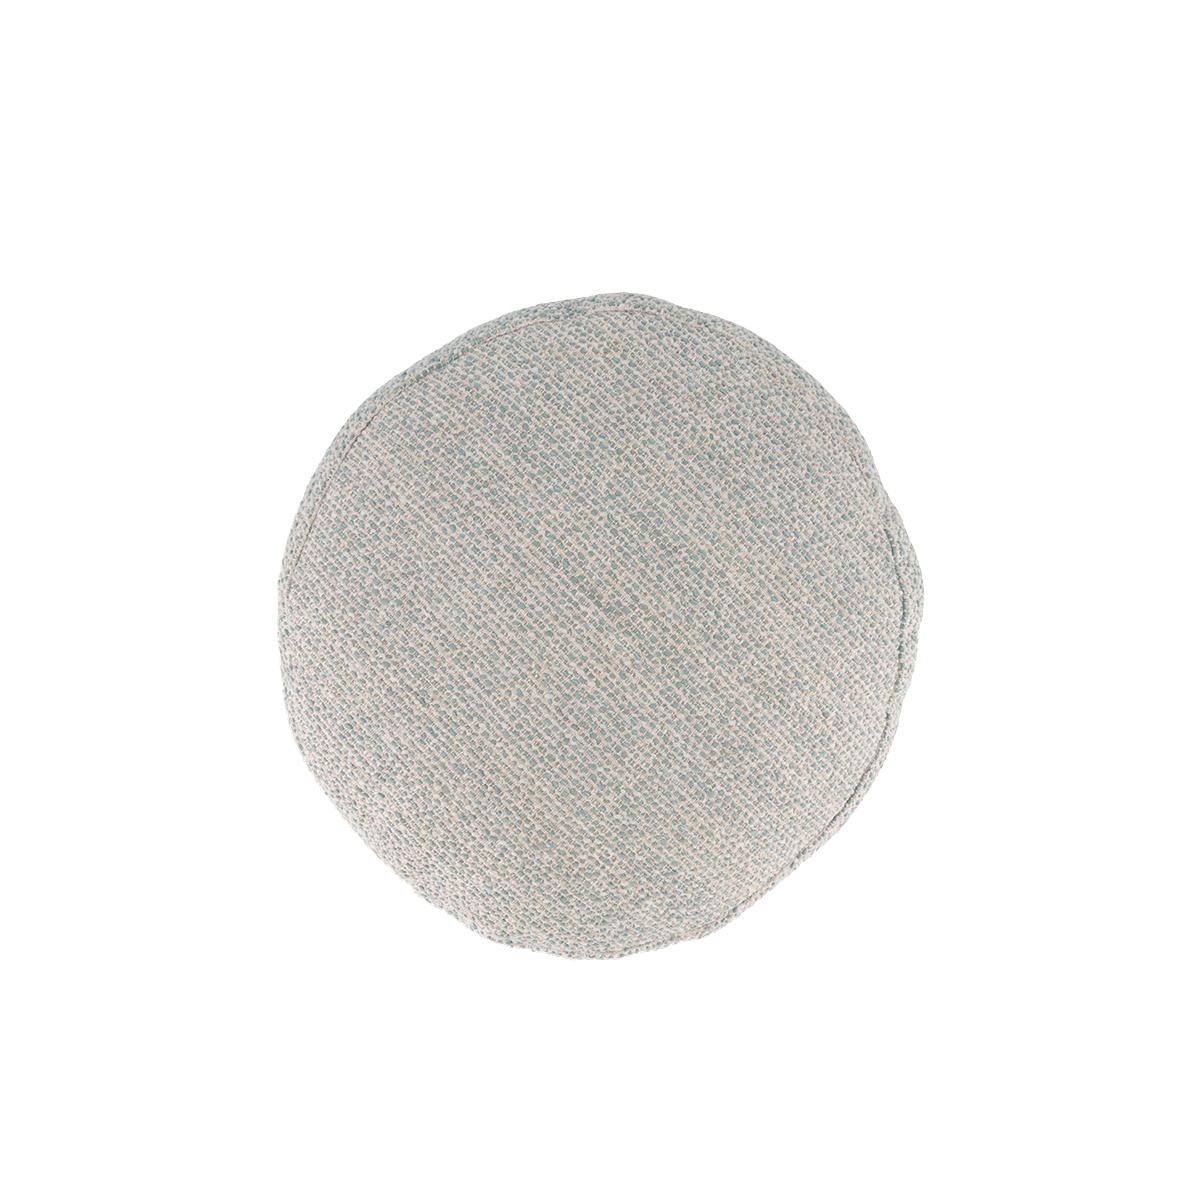 Light Blue Speckled Ciccio Cushion